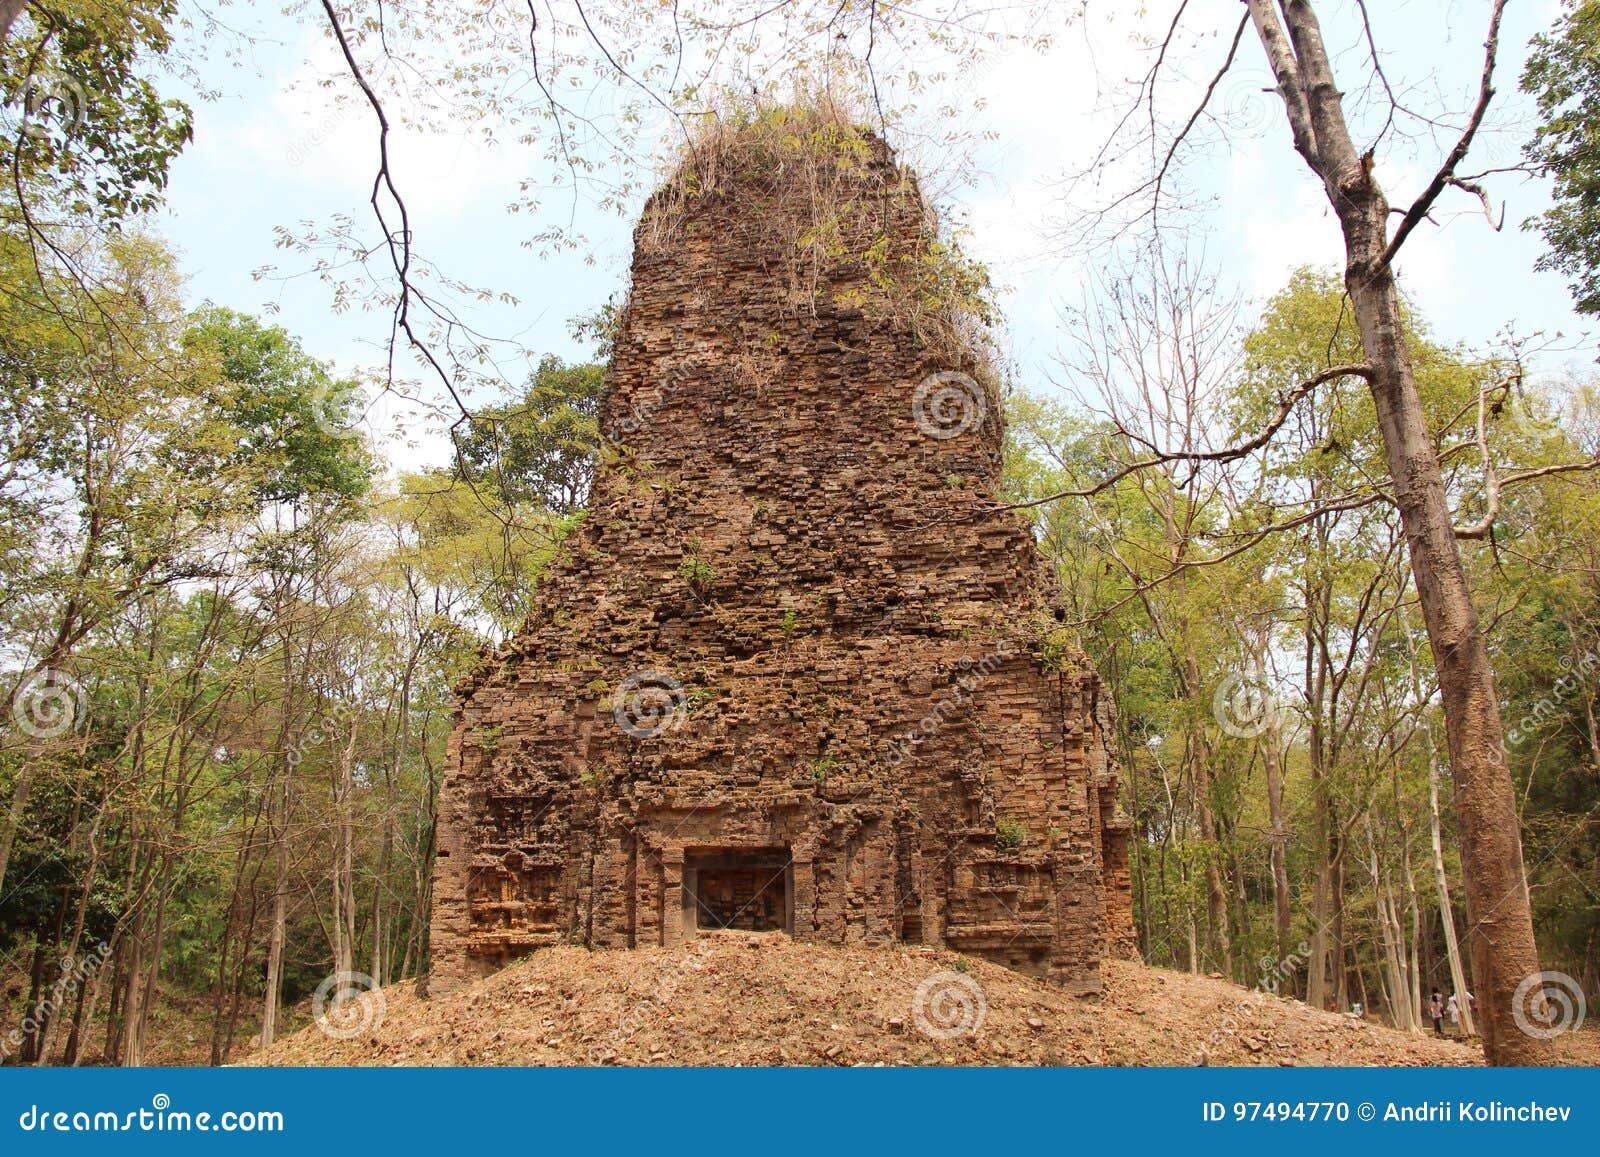 Cambodia Tempio di Sambor Prei Kuk Kampong Thom Province Kampong Thom City